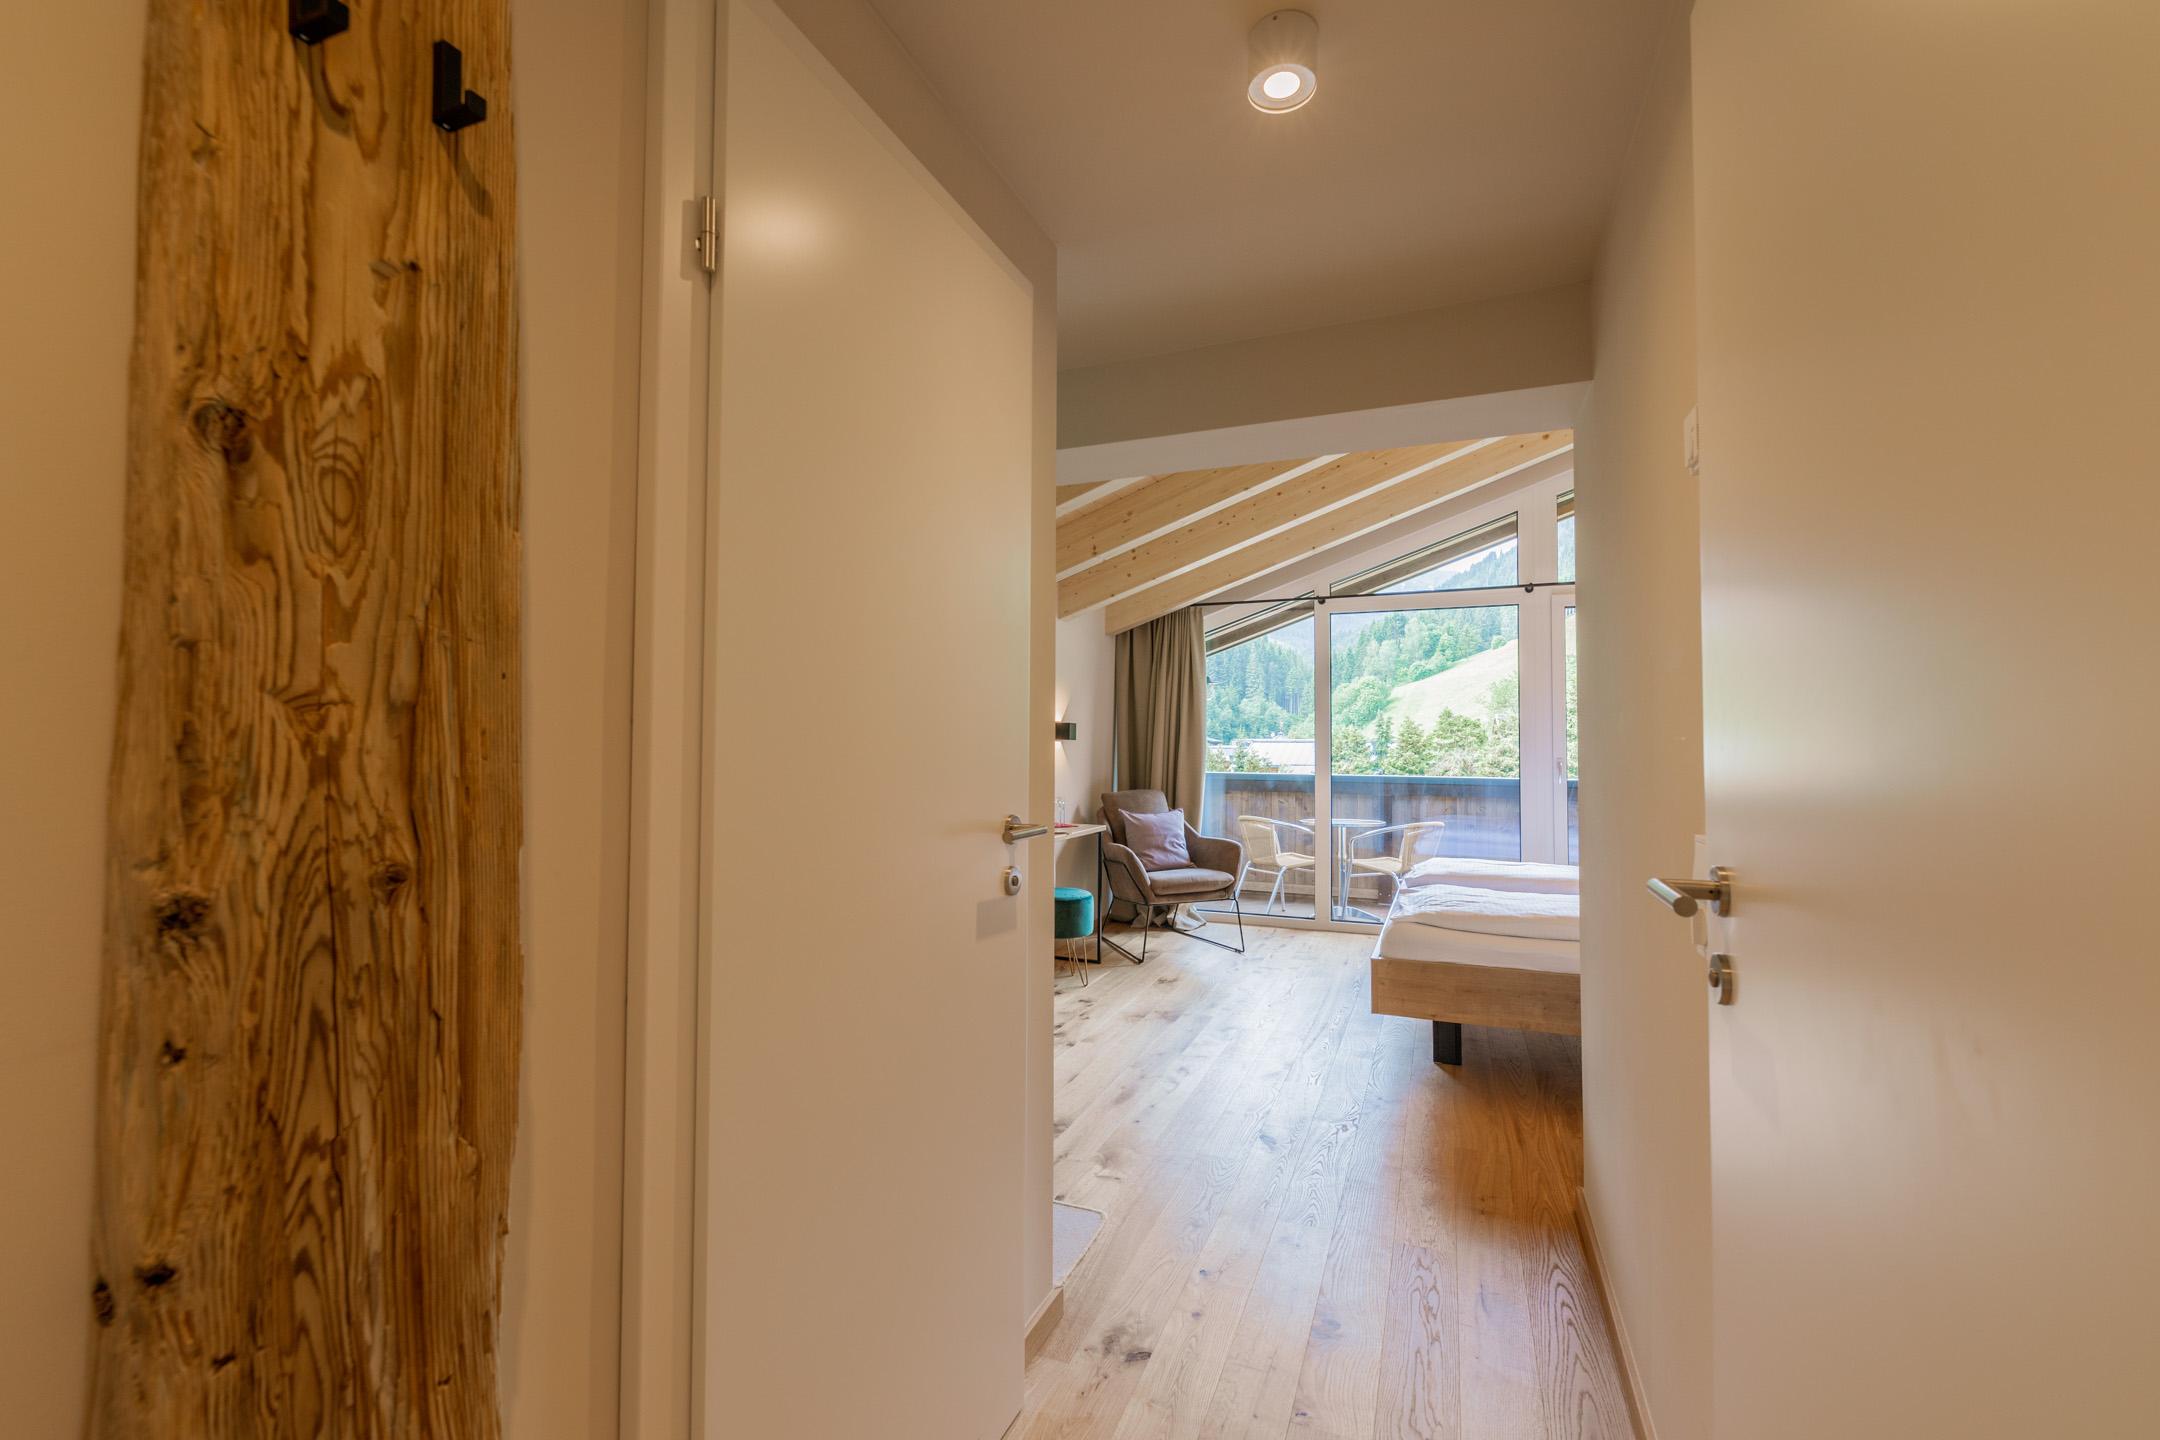 Bergblick im Haus Jausern, Echtholz Fußboden